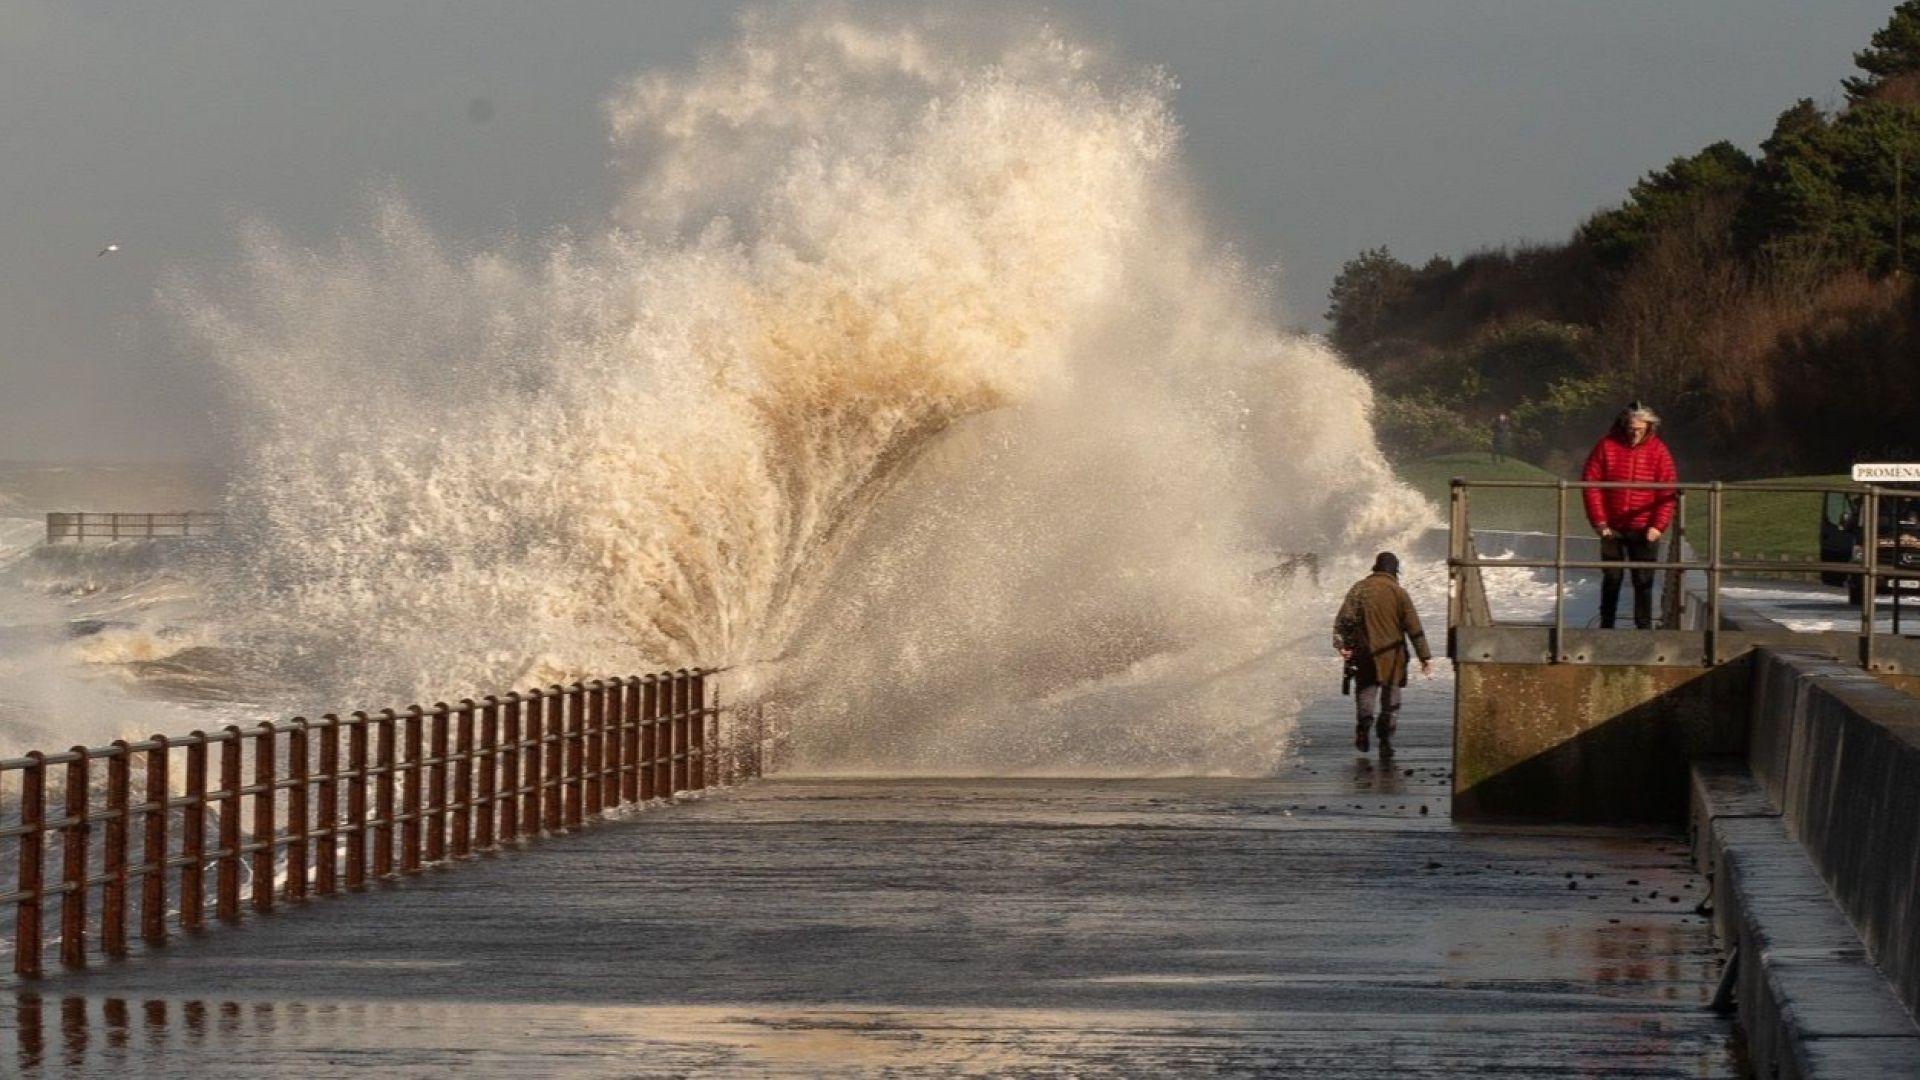 Ураганни ветрове убиха човек в Швеция, причиниха щети в Чехия, Полша и Литва (снимки)